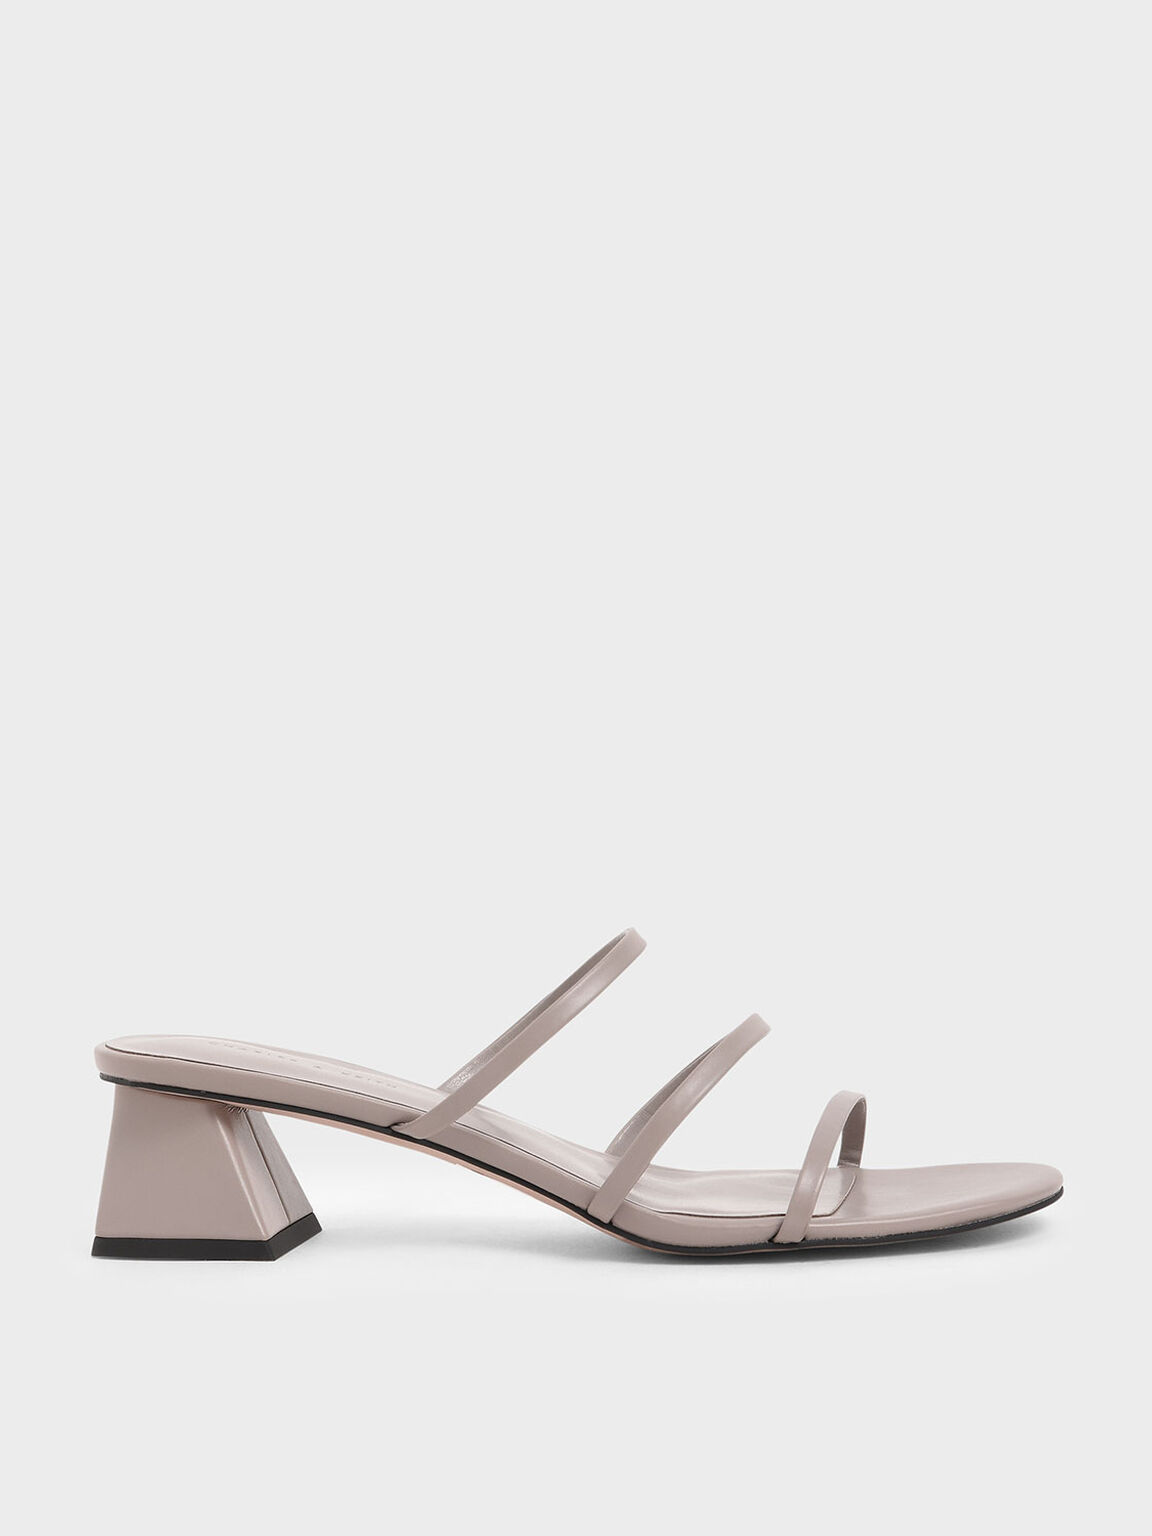 Triple Strap Slide Sandals, Nude, hi-res